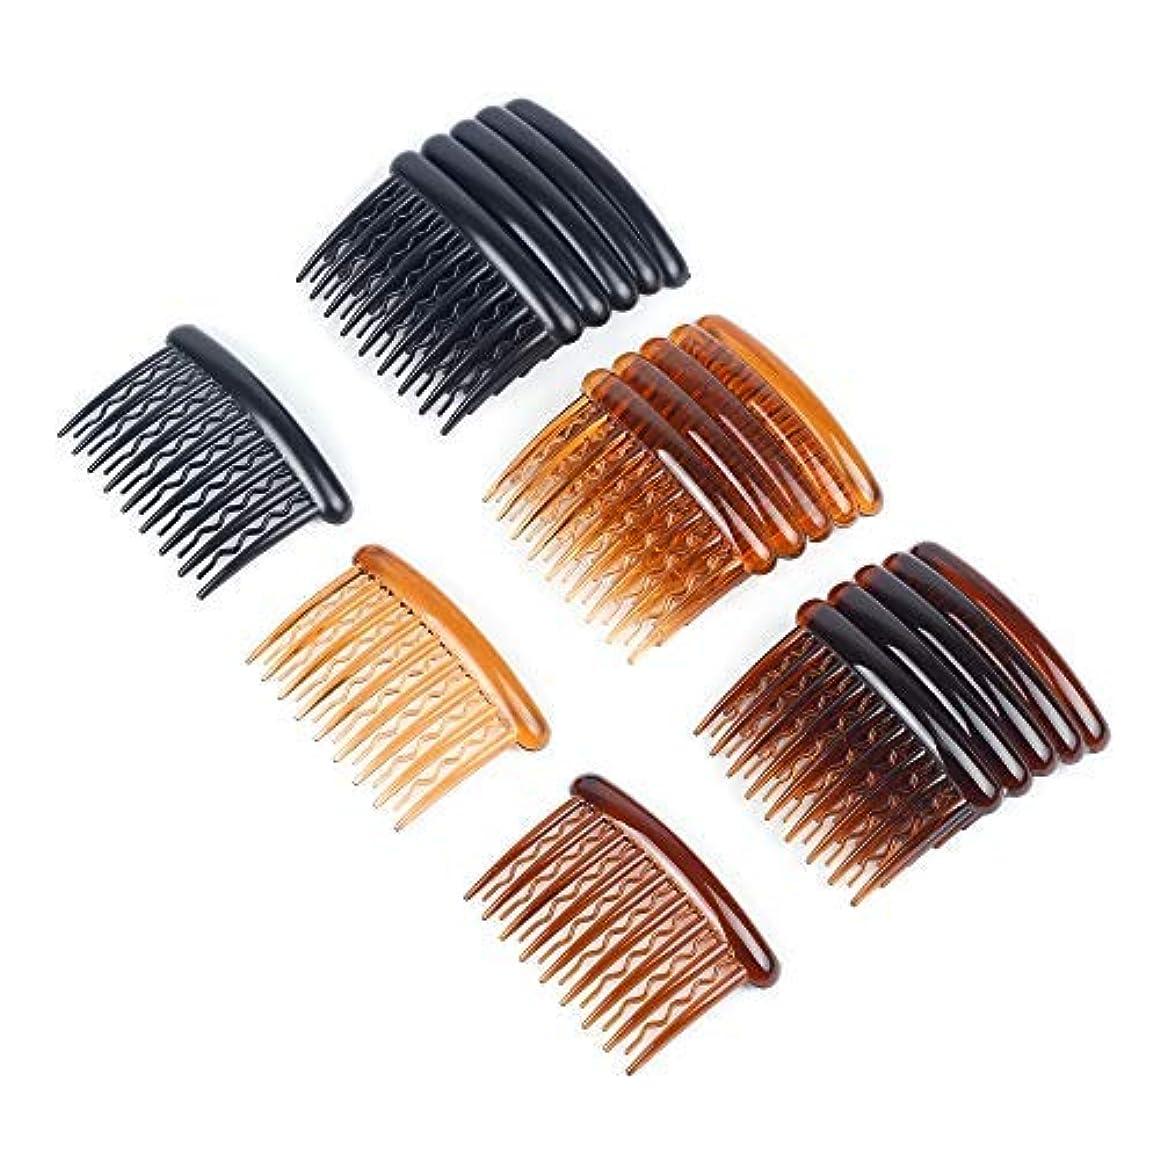 有毒なバイアス値WBCBEC 18 Pieces Plastic Teeth Hair Combs Tortoise Side Comb Hair Accessories for Fine Hair [並行輸入品]